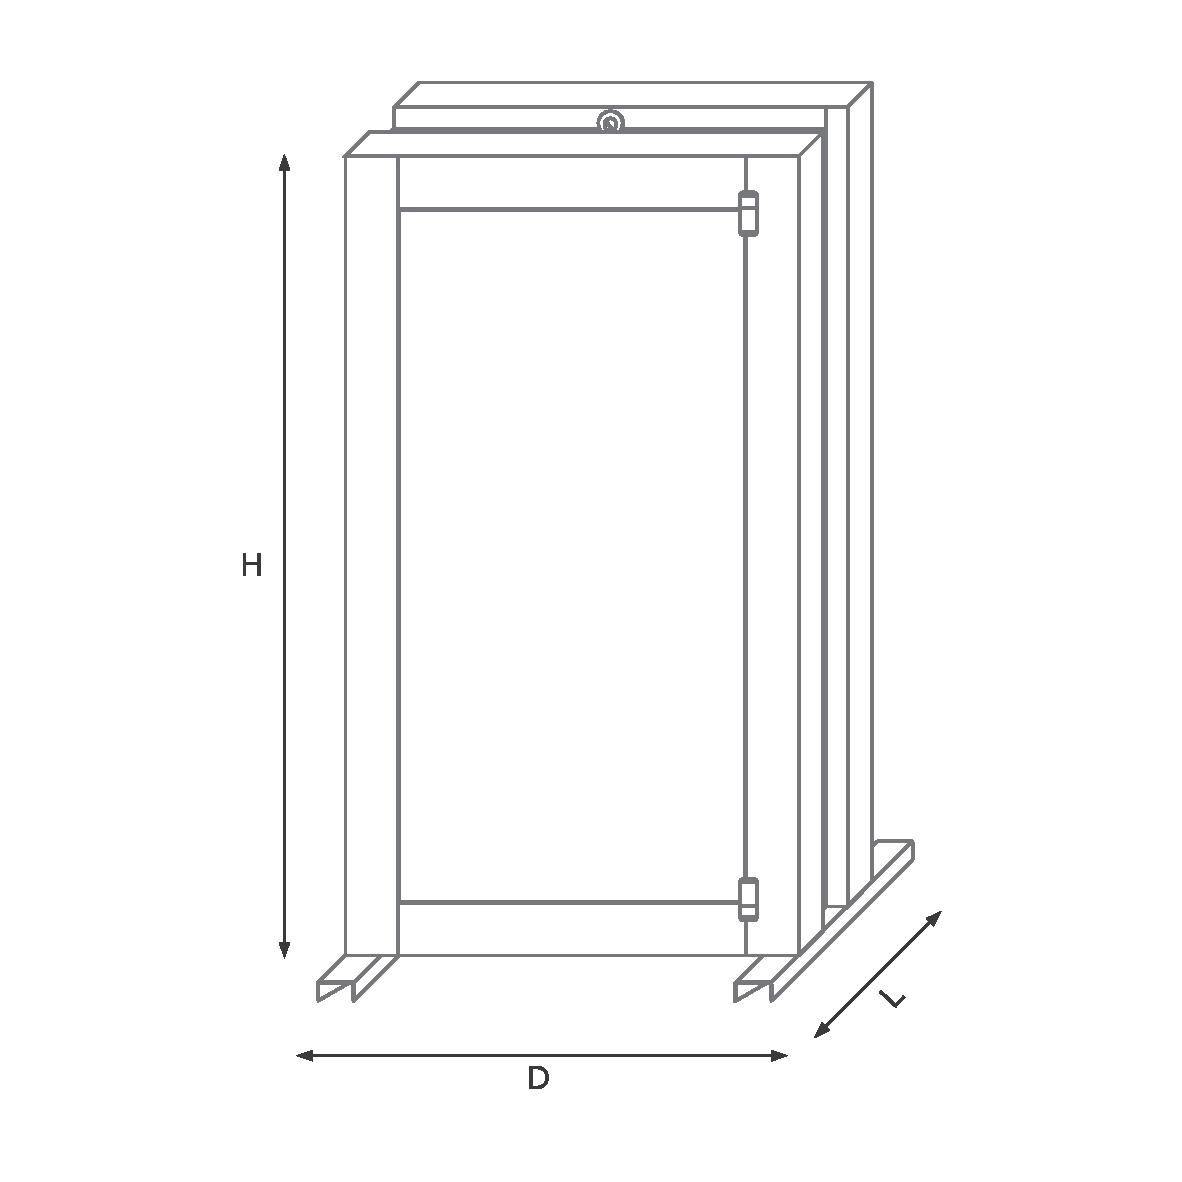 درب خزانه 200VKR راستگرد رمز مکانیکی